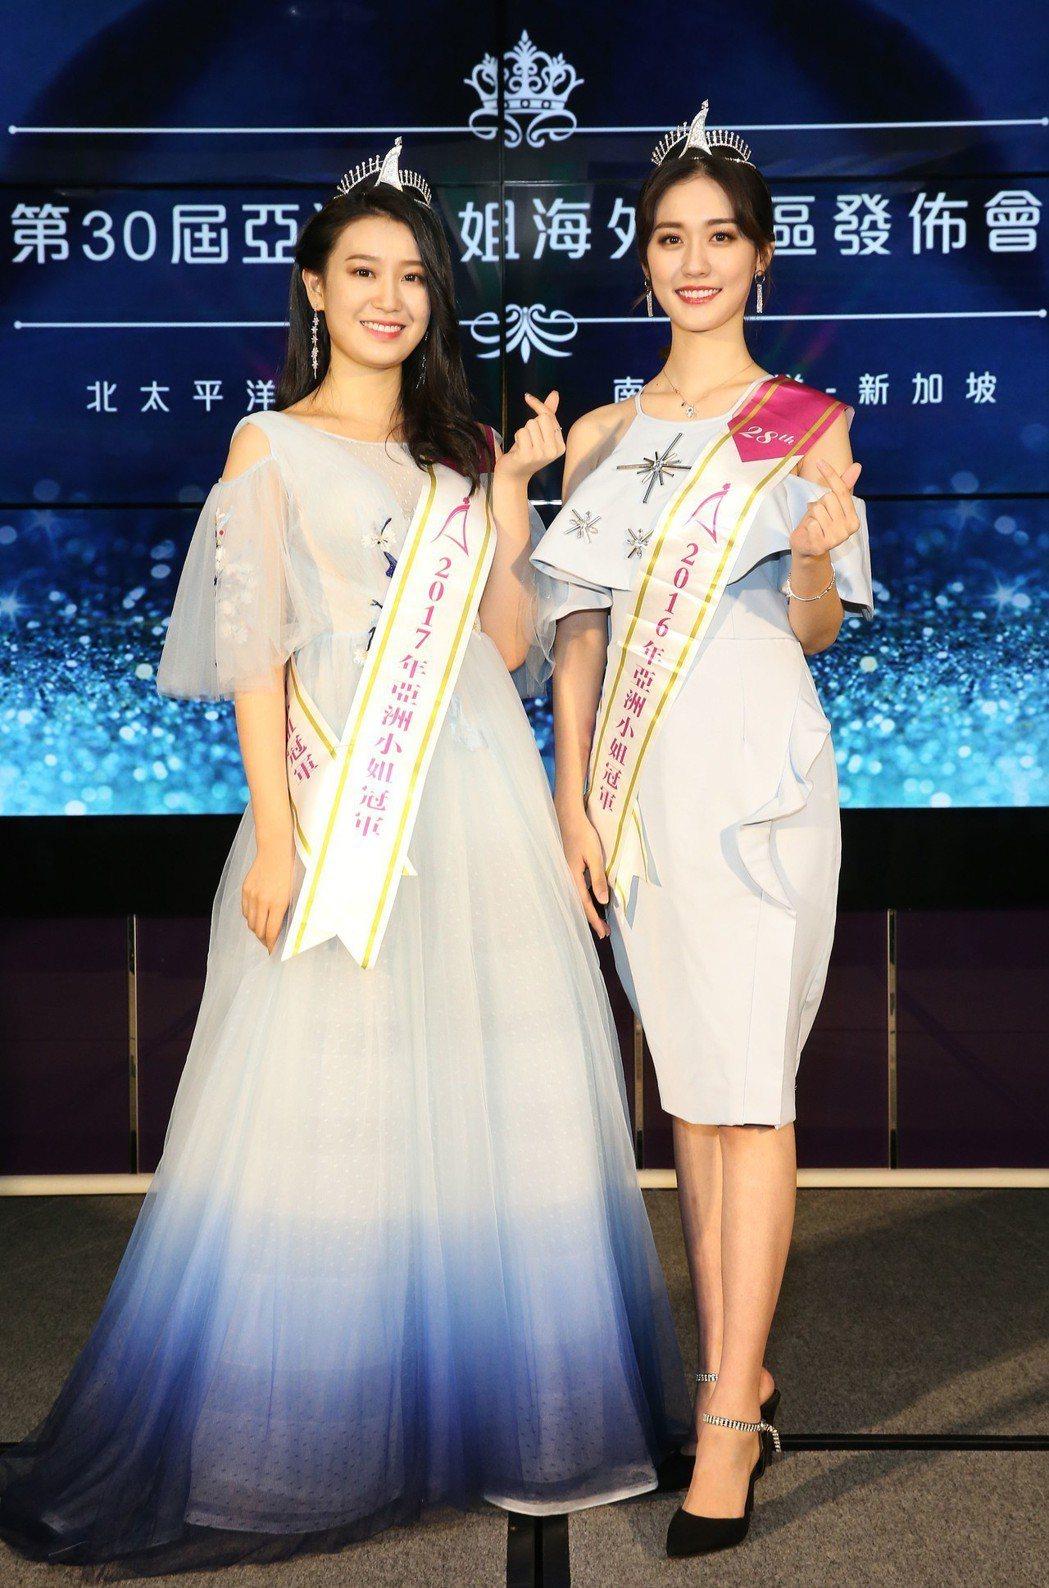 前兩屆亞洲小姐站台助陣。圖/第三十屆亞洲小姐選委會提供